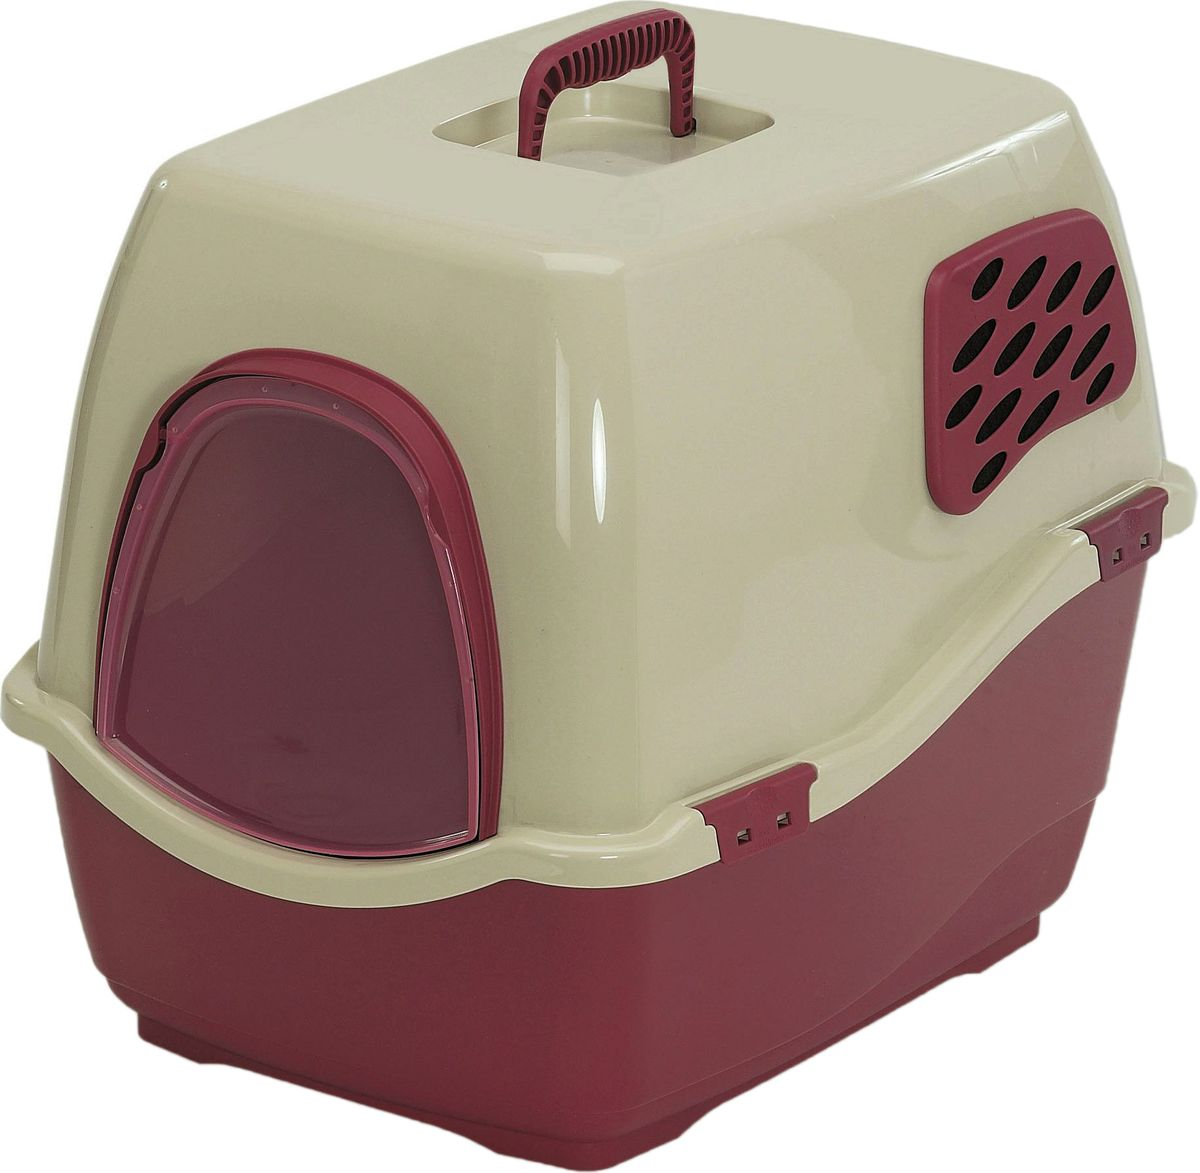 Био-туалет для животных Marchioro Bill 1F, цвет: коричневый, бежевый, 50 х 40 х 42 см туалет для кошек curver pet life закрытый цвет кремово коричневый 51 х 39 х 40 см